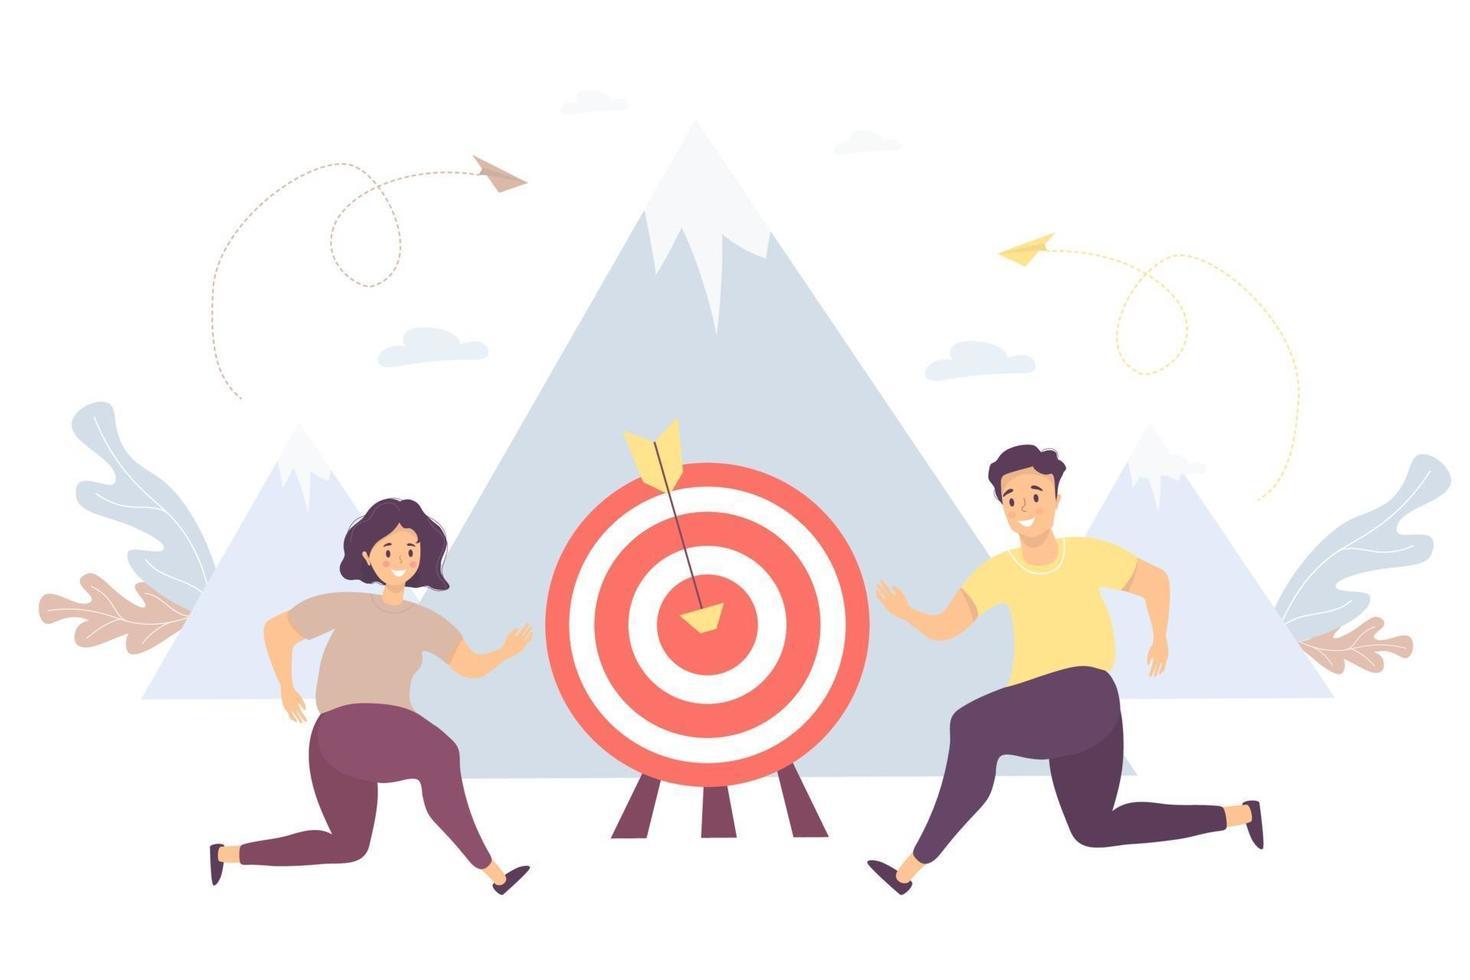 o homem do conceito de negócio e uma mulher estão correndo em direção ao seu objetivo, movimento e motivação para o topo do sucesso. vetor. ilustração trabalho do parceiro, objetivo e realização, sucesso comercial e marketing vetor